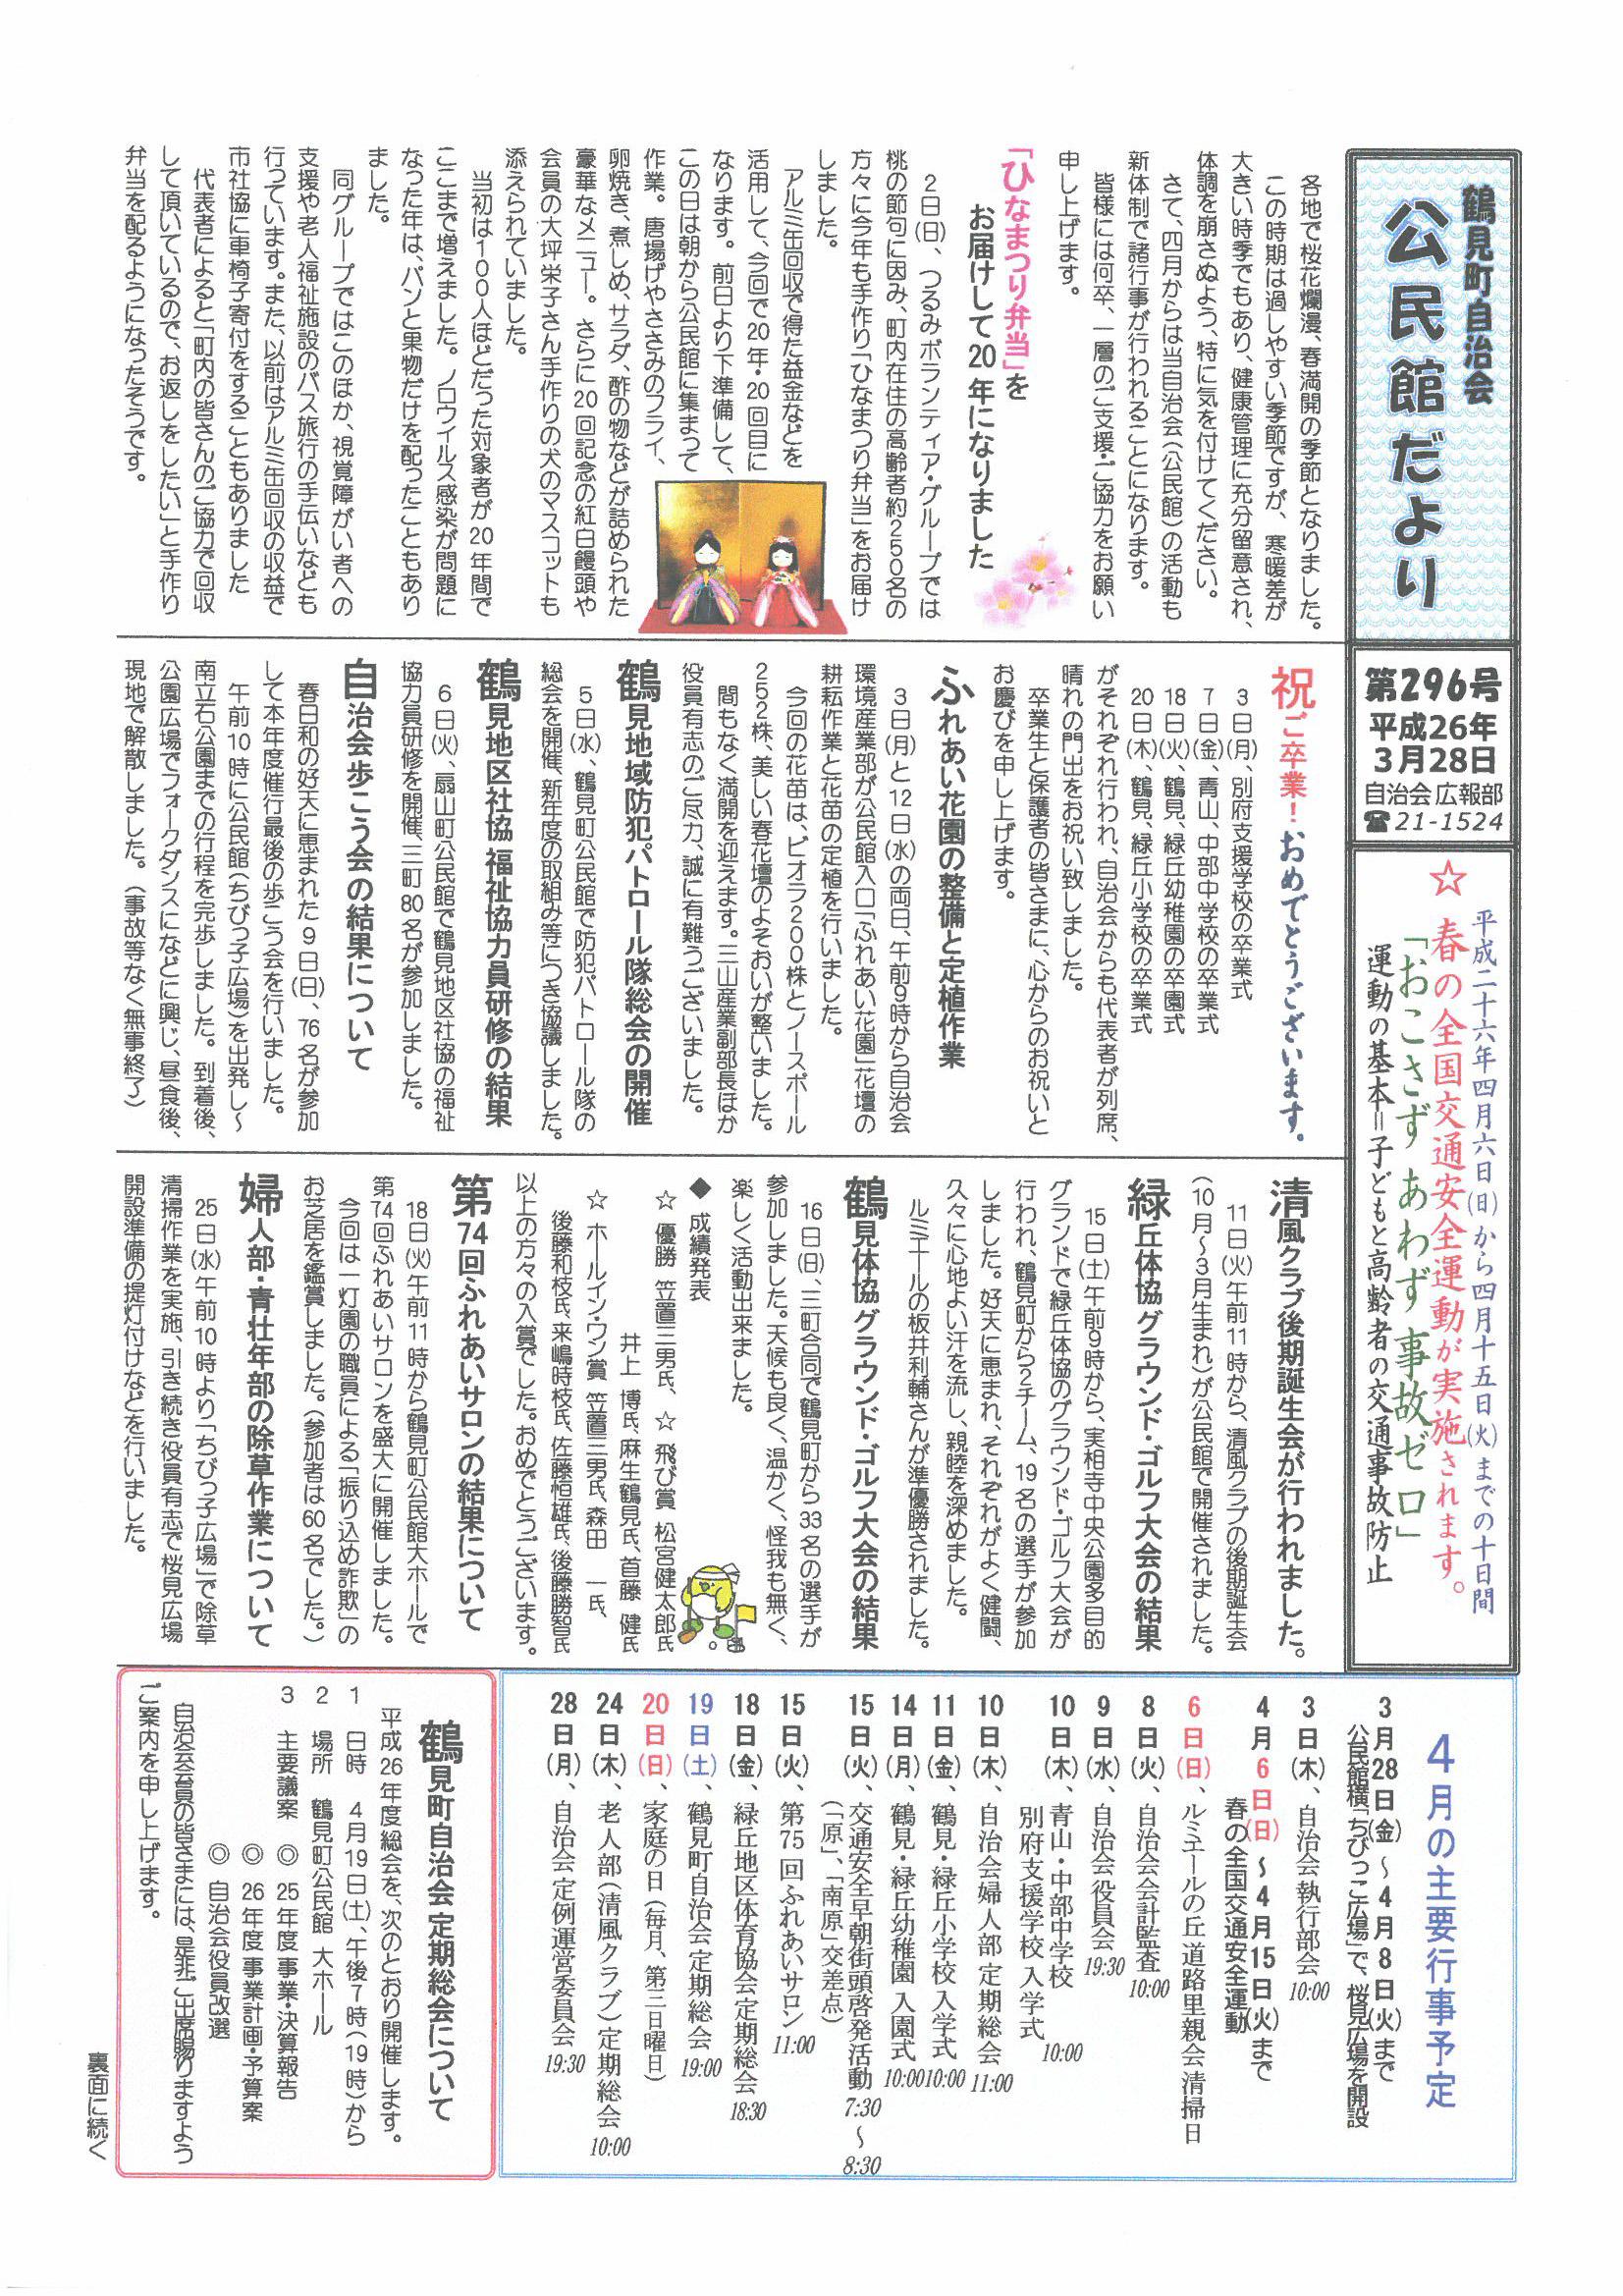 tsurumi2014_04_01